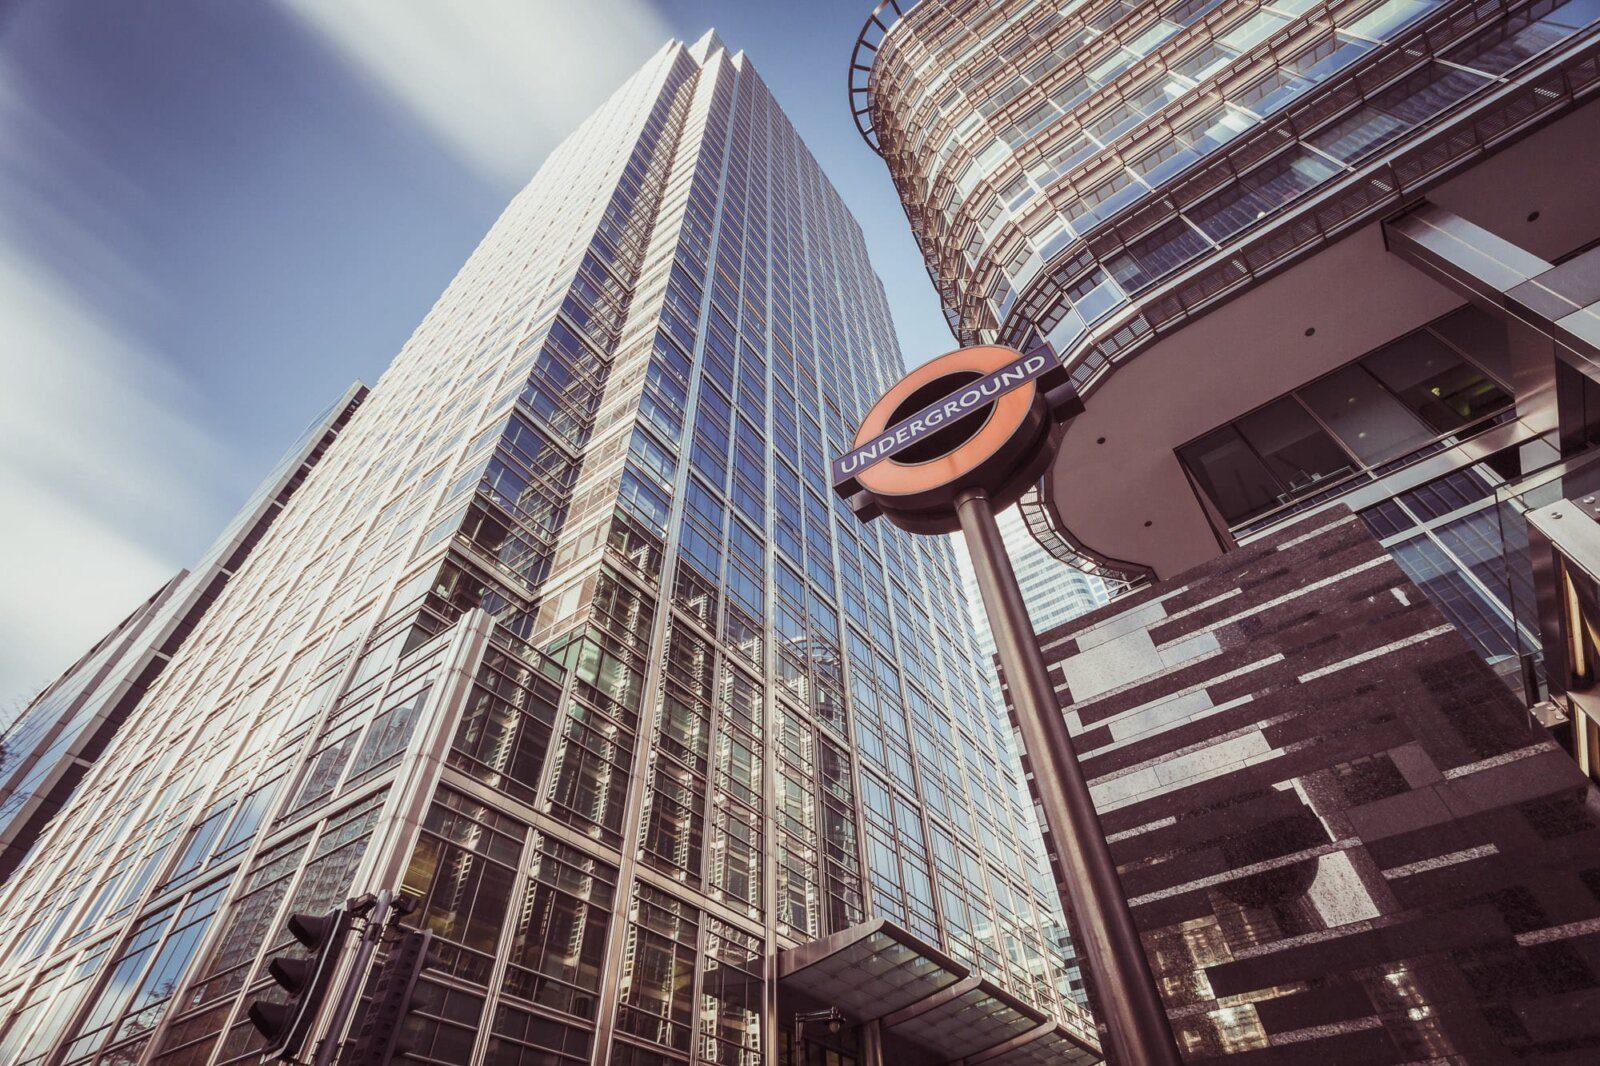 Underground business district